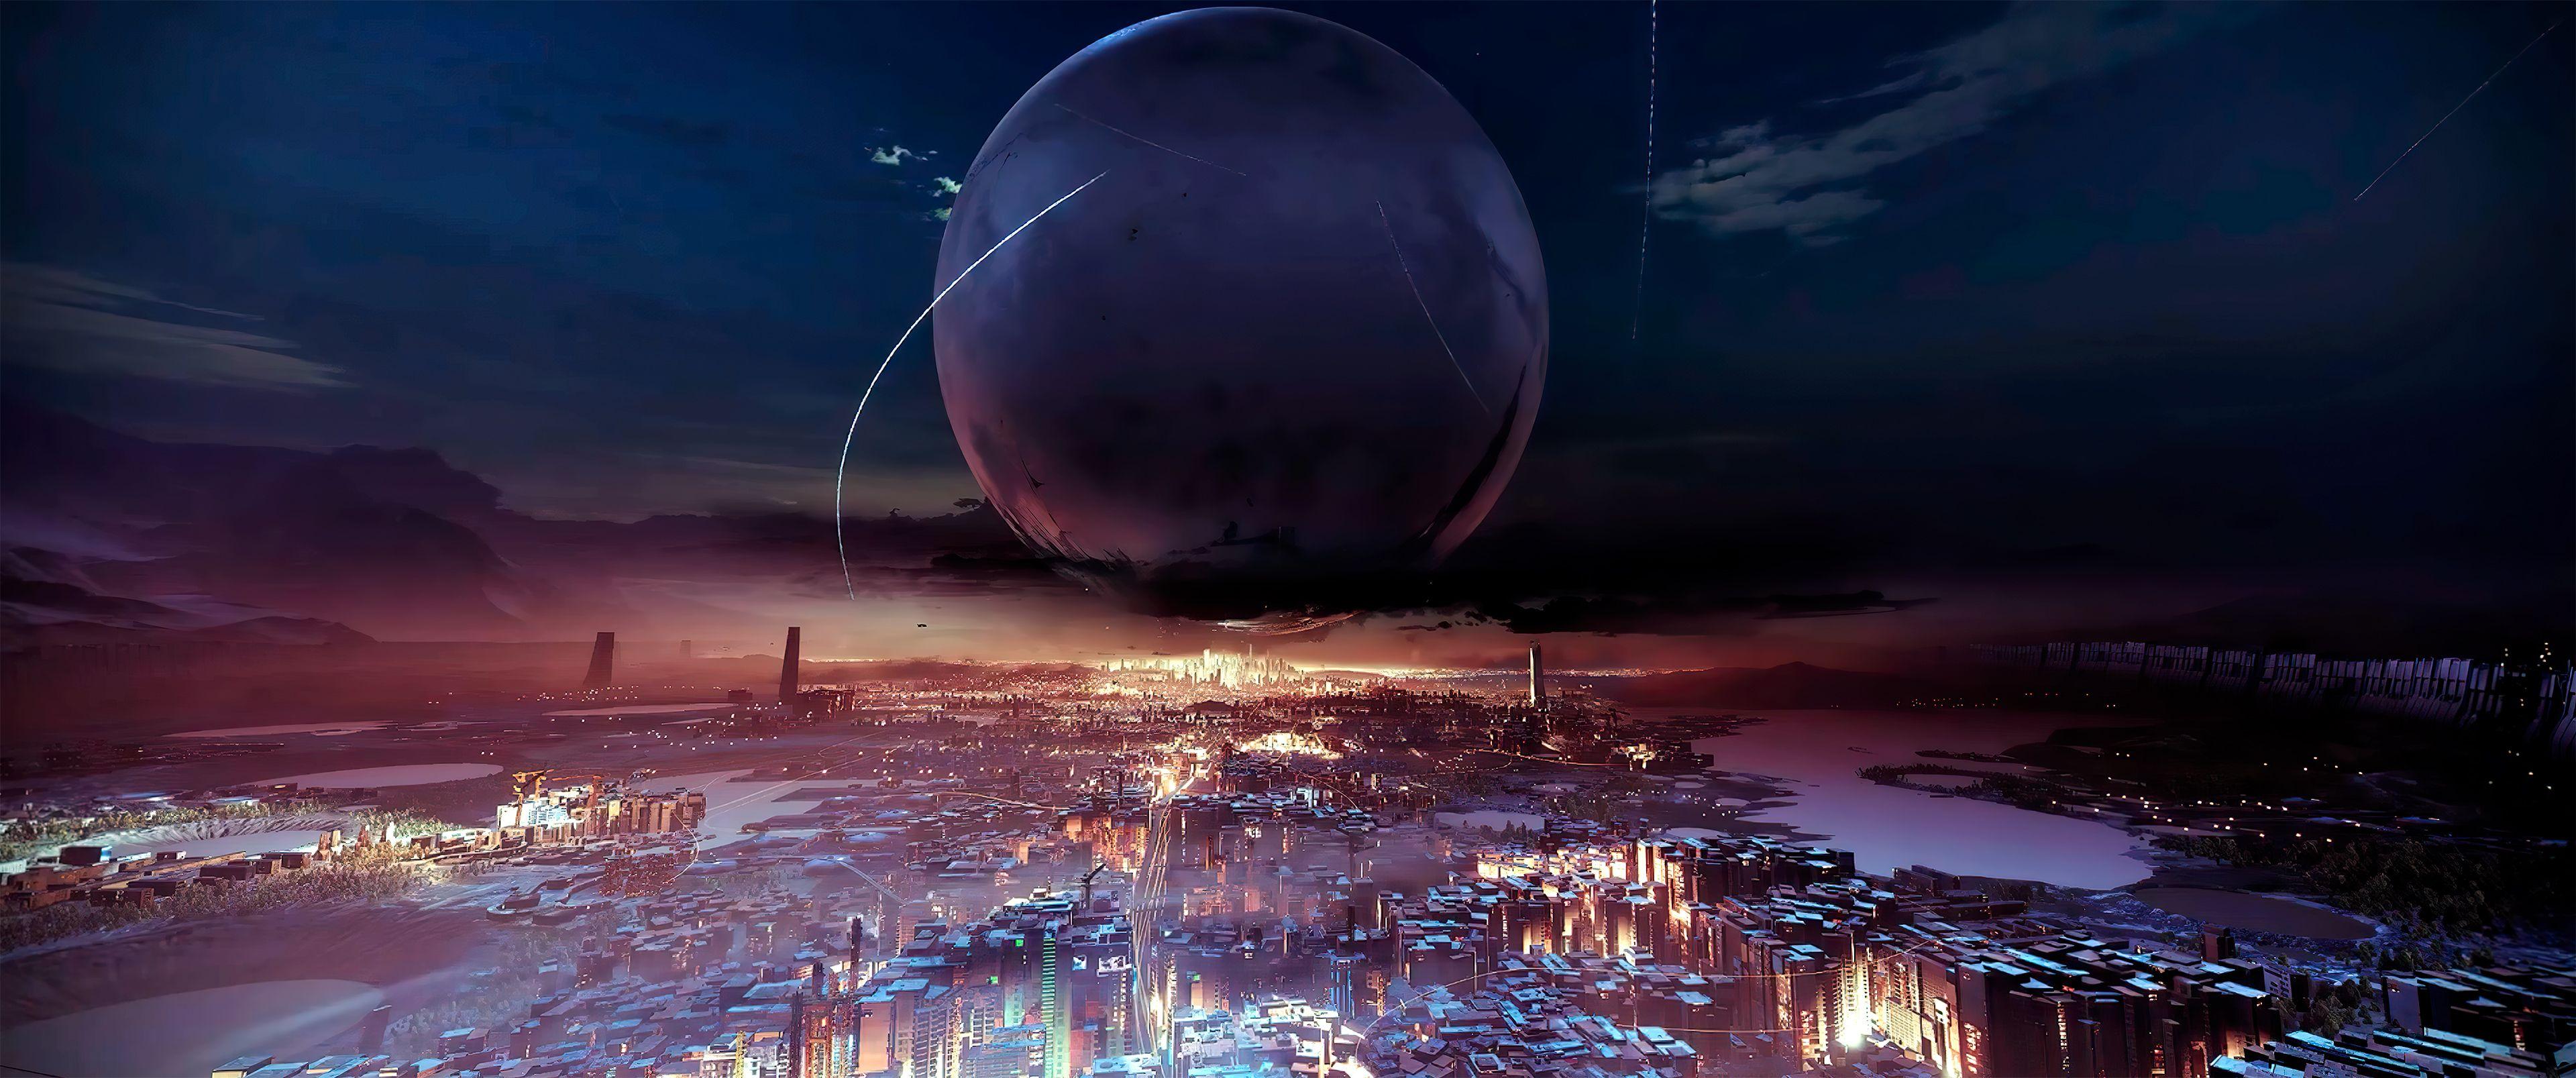 Destiny 2 Beyond Light 2021 4k Destiny 2 Beyond Light 2021 4k Wallpapers In 2021 Destiny 2 Beyond Light 4k Wallpapers Hd Widescreen Wallpapers